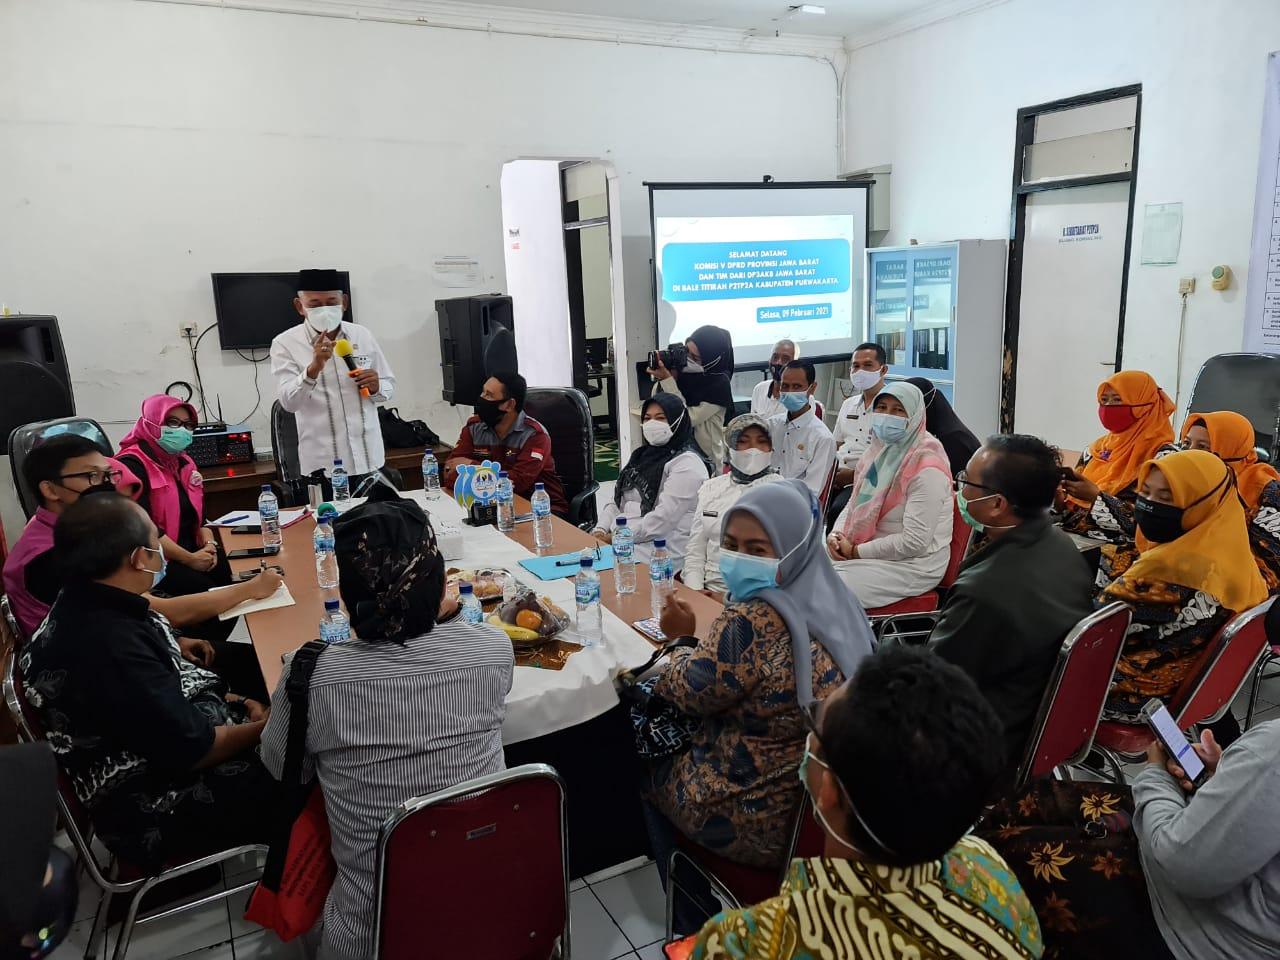 Selasa, 09 Februari 2021 Menerima Kunjungan Kerja Komisi V DPRD Provinsi Jawa Barat di Bale Titirah P2TP2A